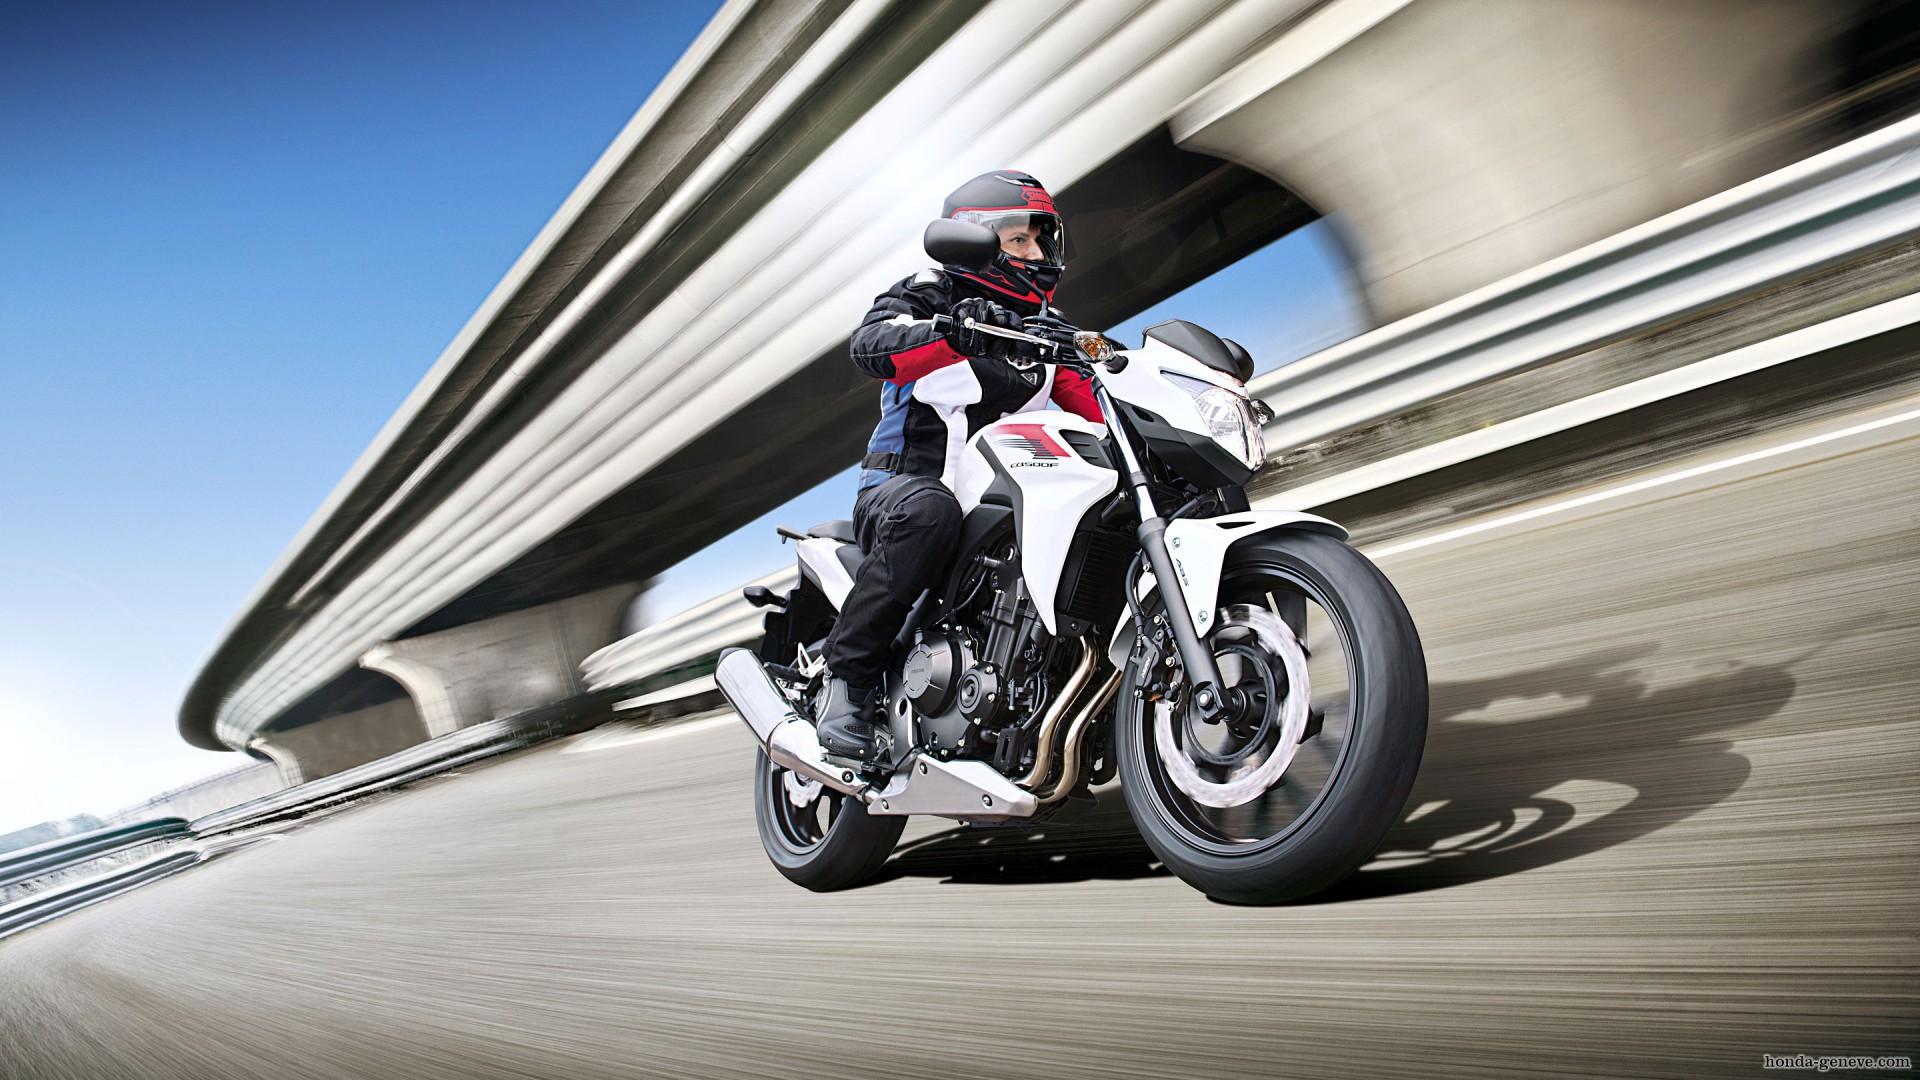 New Model Motorbike Motorcycle Honda CB 500 F